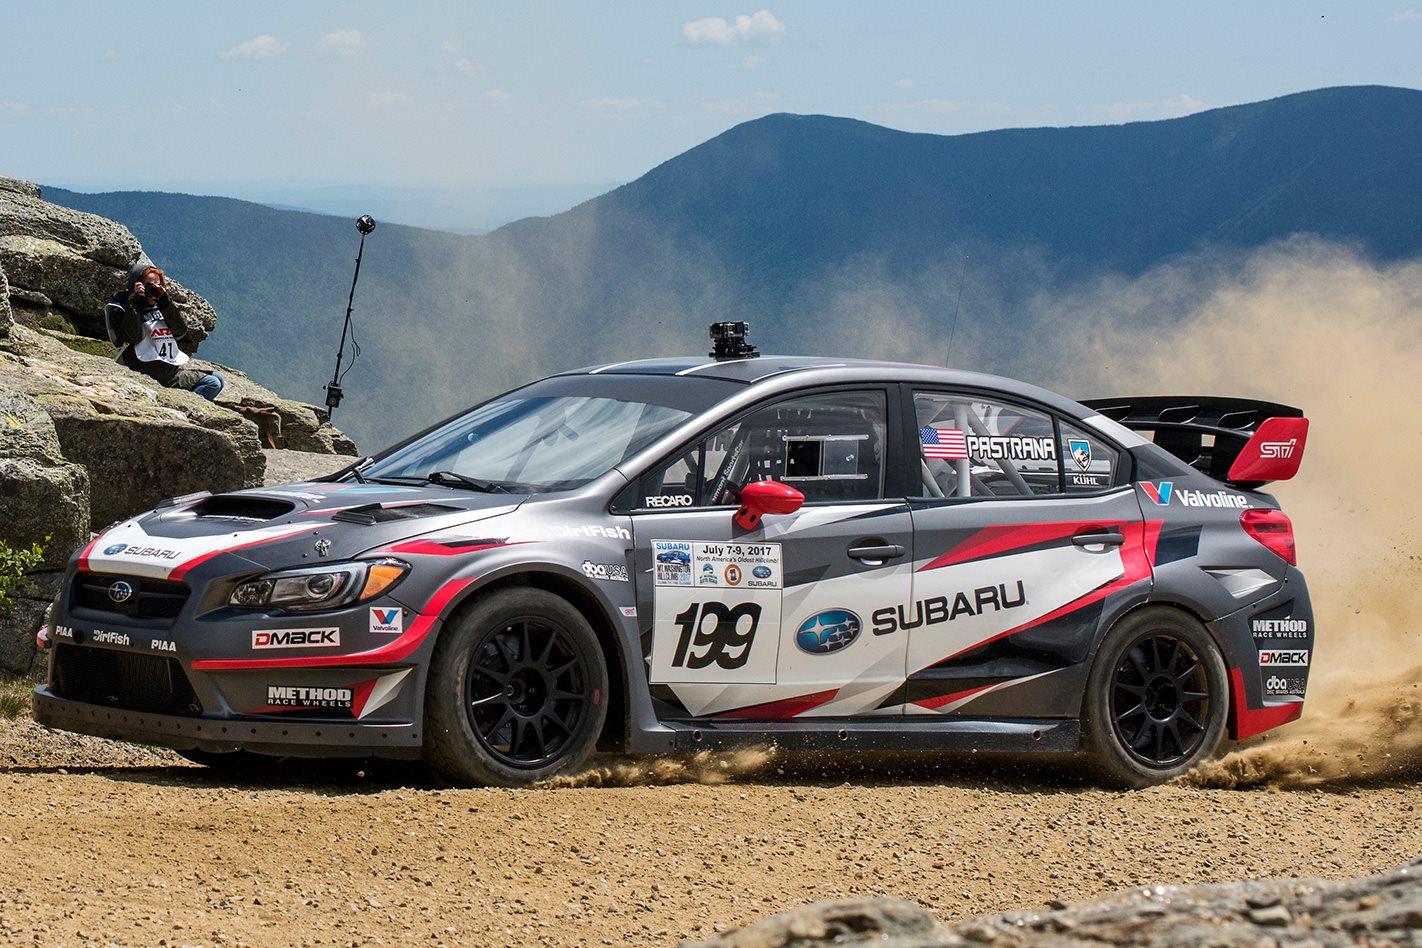 450kW Subaru WRX STI sets hillclimb record